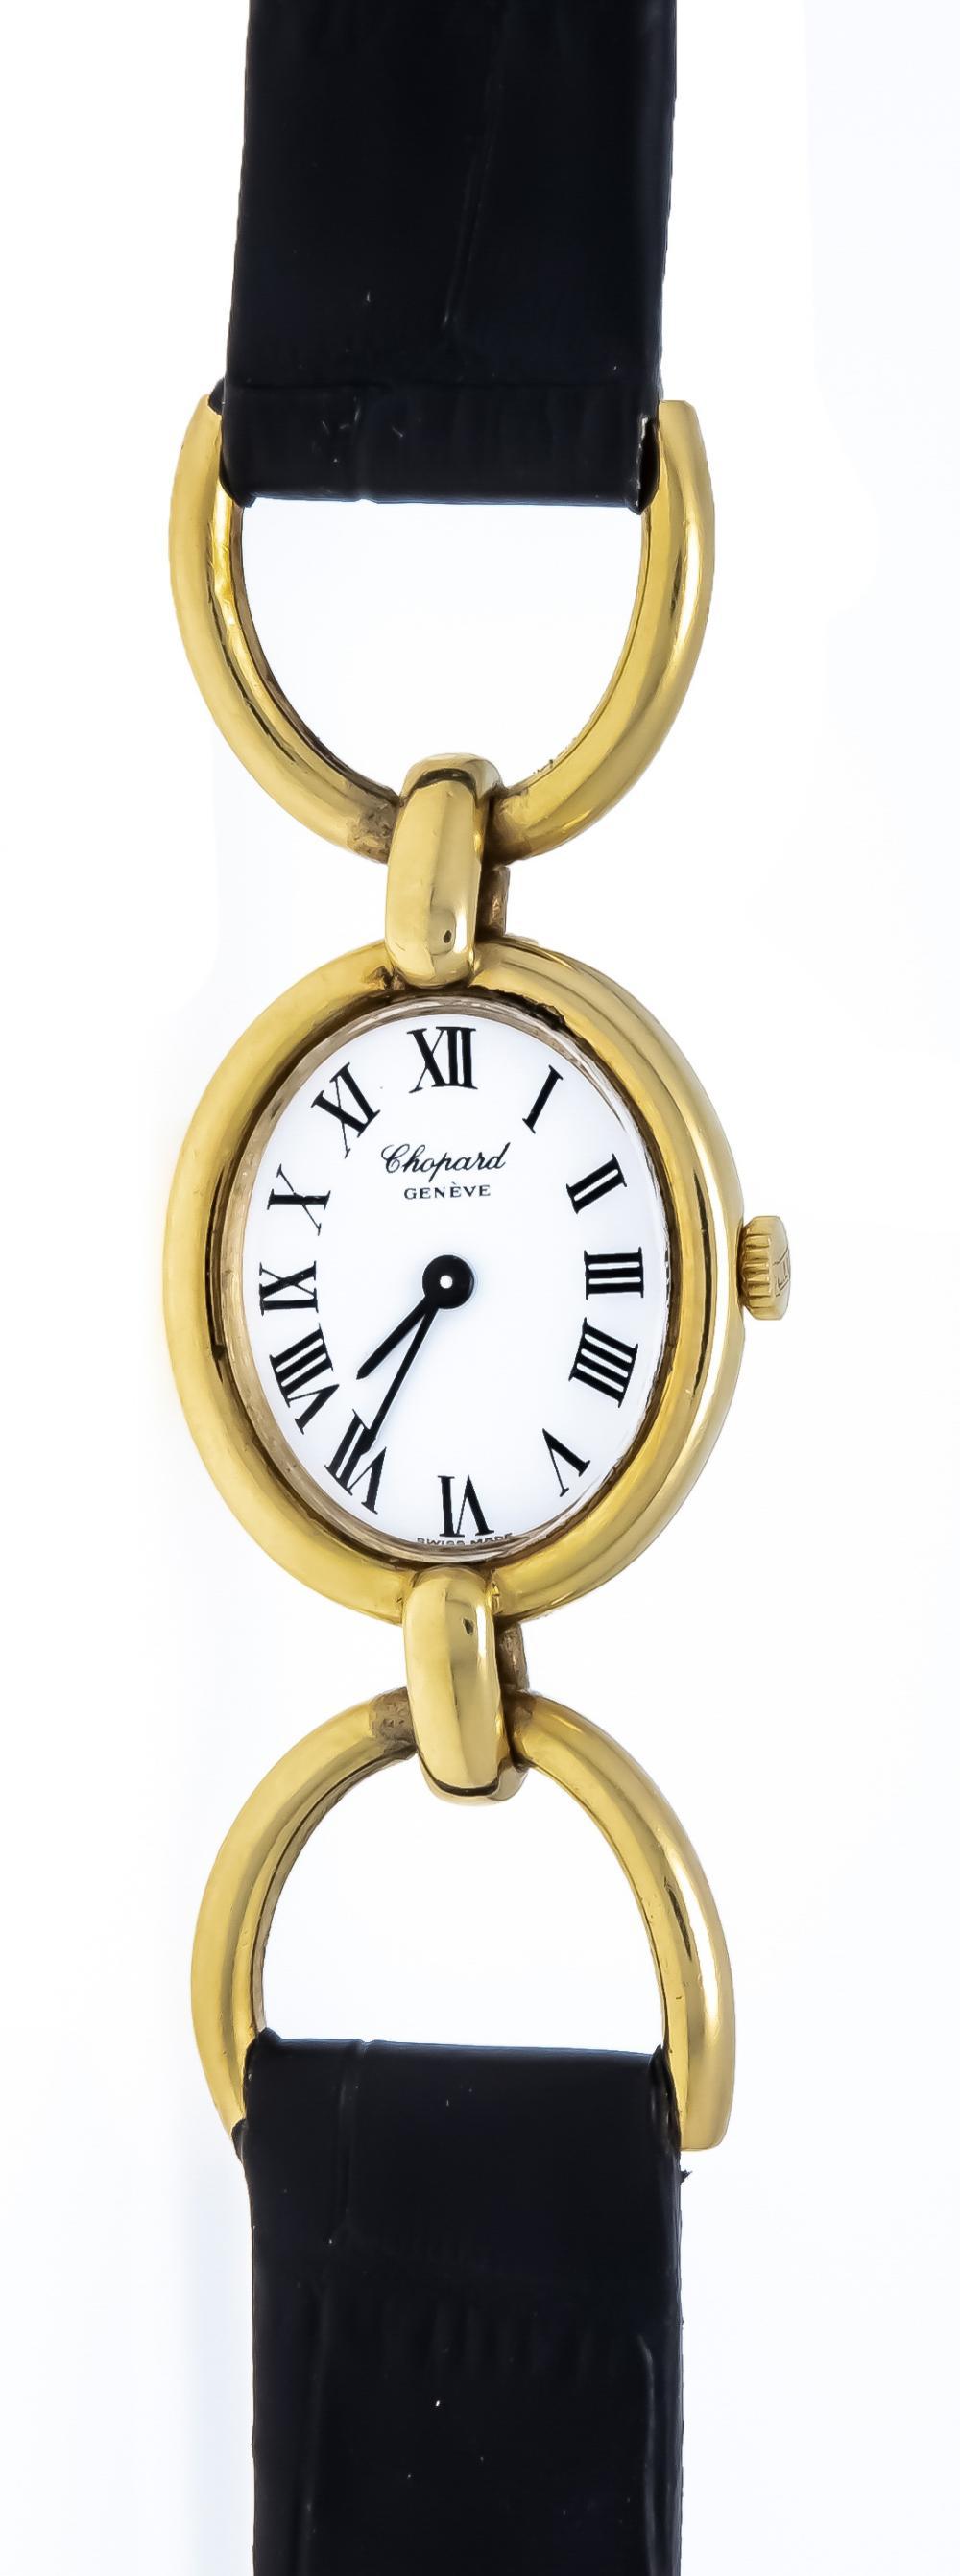 Chopard ladies' watch, 750/00